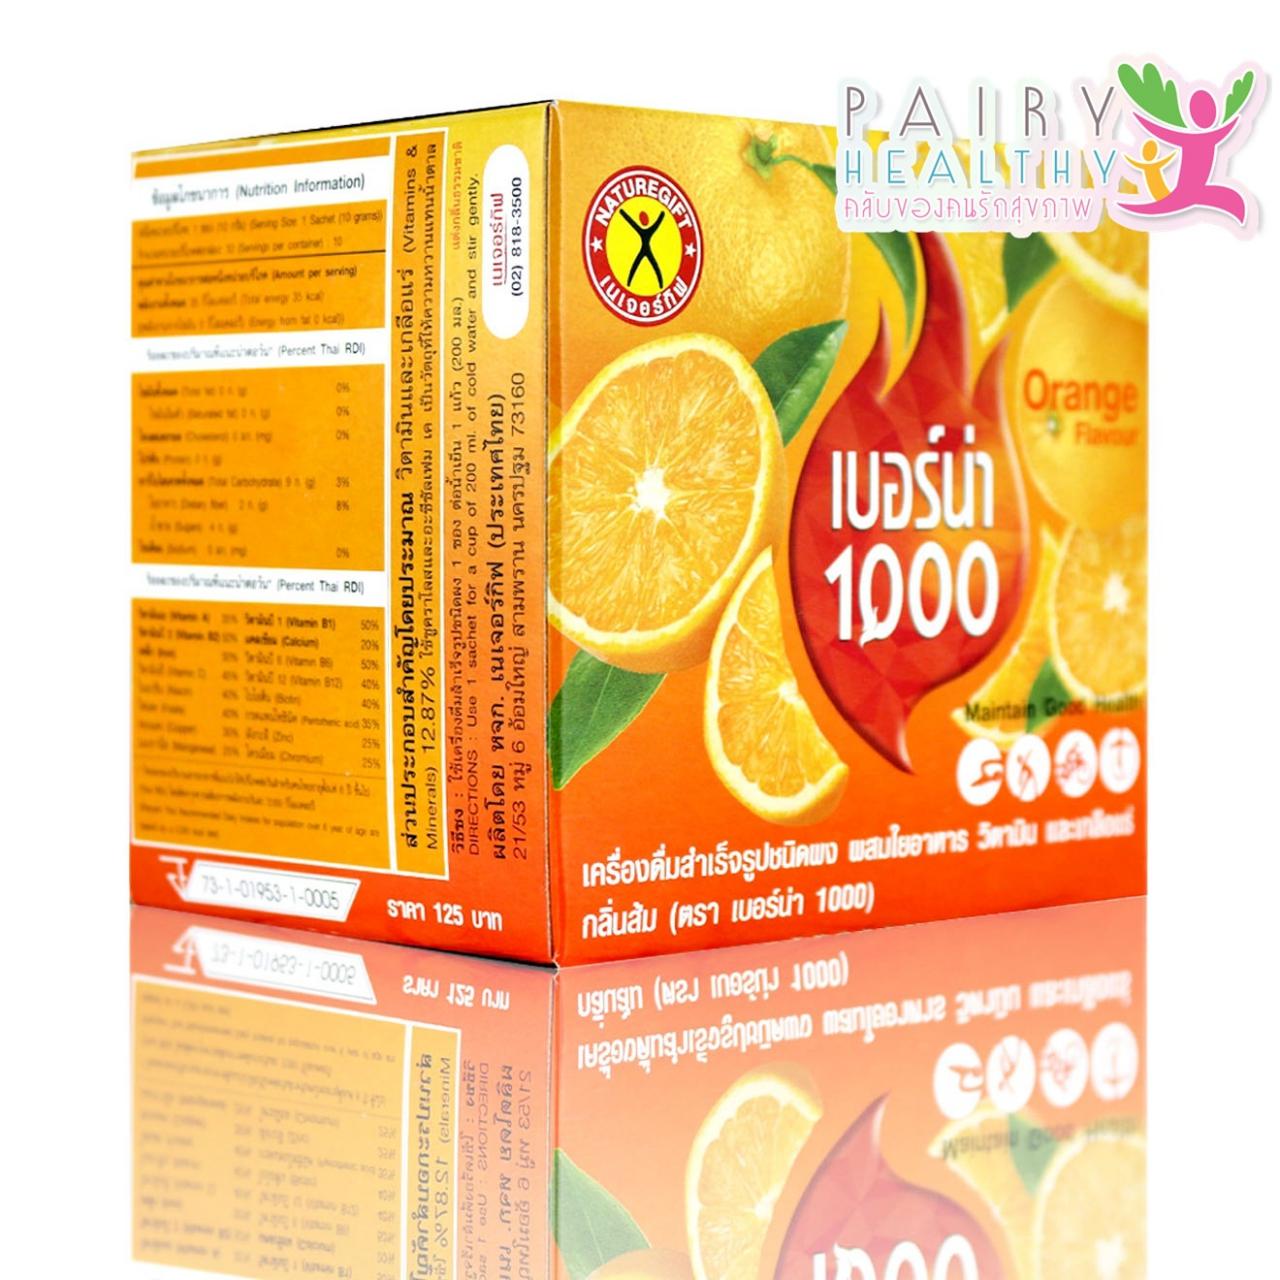 Naturegift berna 1,000 (เนเจอร์กิฟ เบอร์น่า 1,000) รสส้ม 3 กล่อง 360 บาท ส่งฟรี